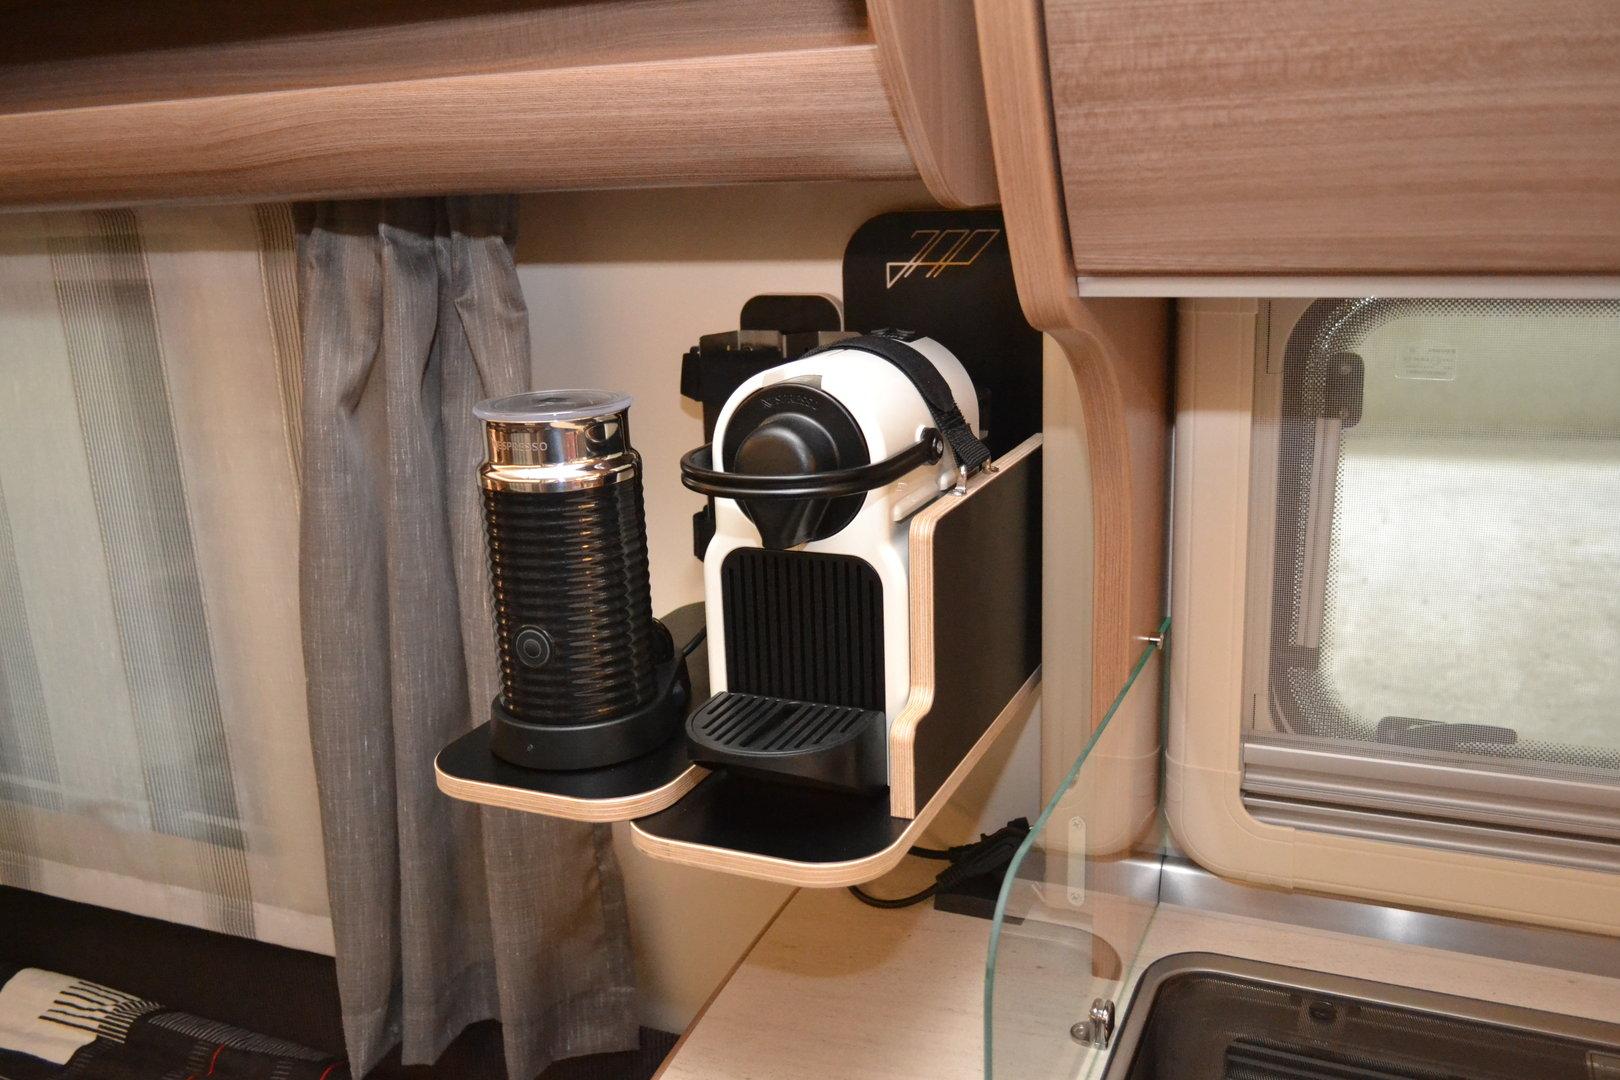 einbau halterung nespresso kaffee maschine aeroccino. Black Bedroom Furniture Sets. Home Design Ideas